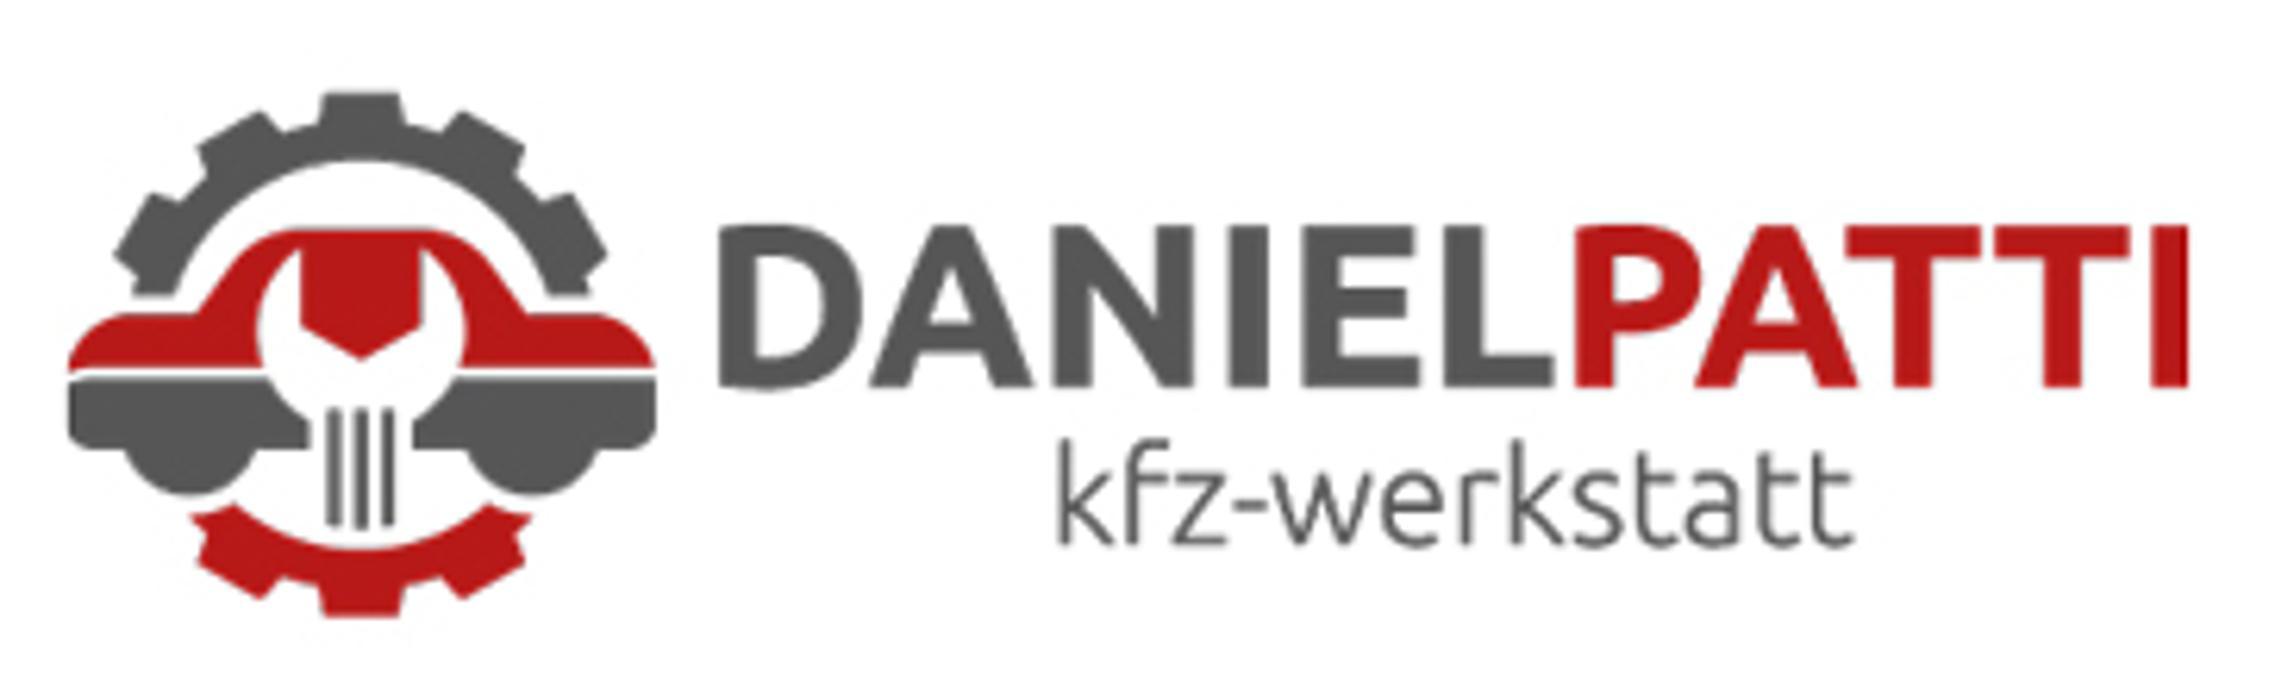 Bild zu Patti KFZ-Werkstatt & Reifenhandel in Lampertheim